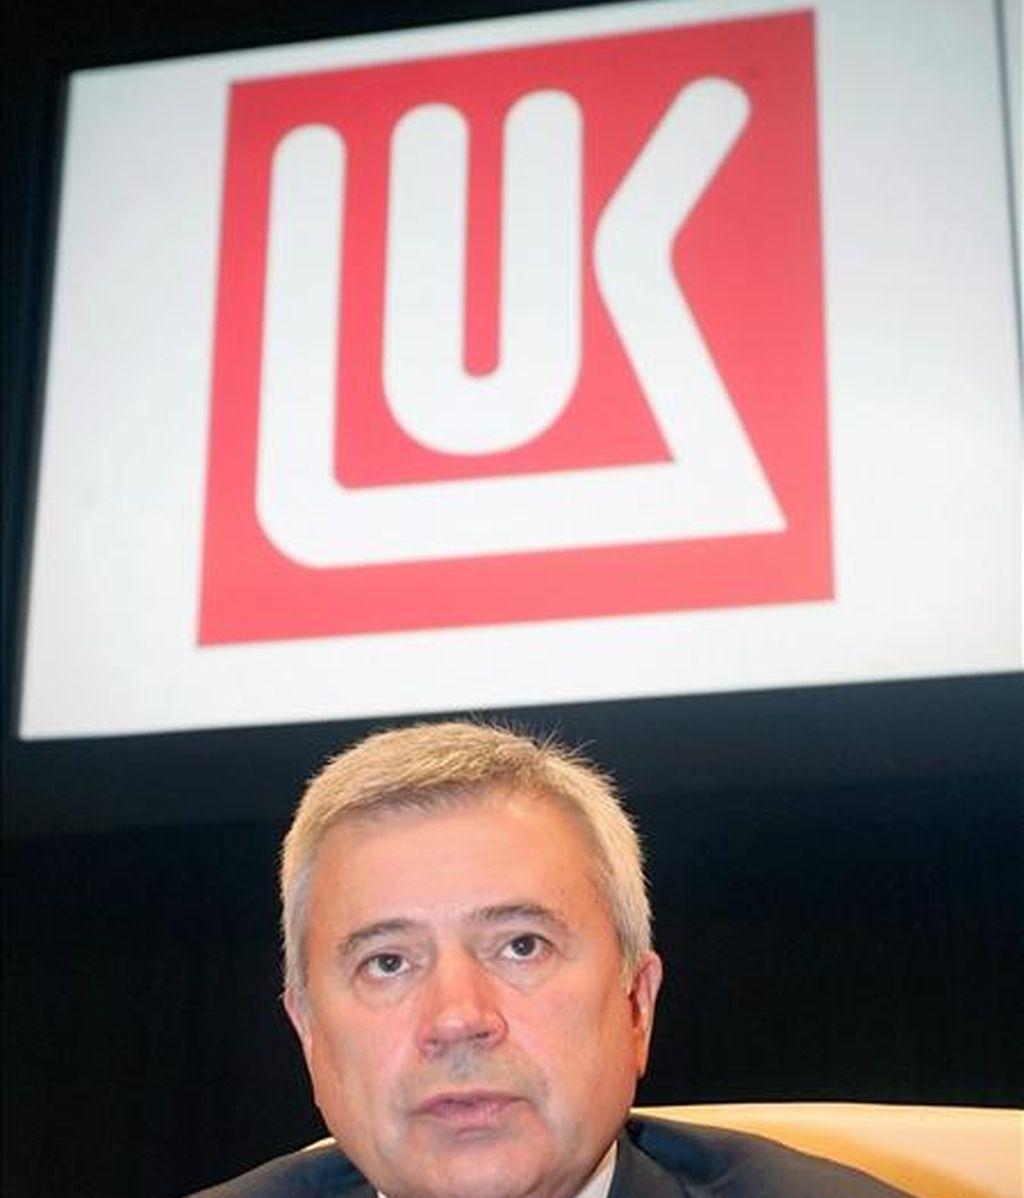 Vagit Alekperov, presidente del gigante petrolero y gasístico ruso, Lukoil. EFE/Archivo